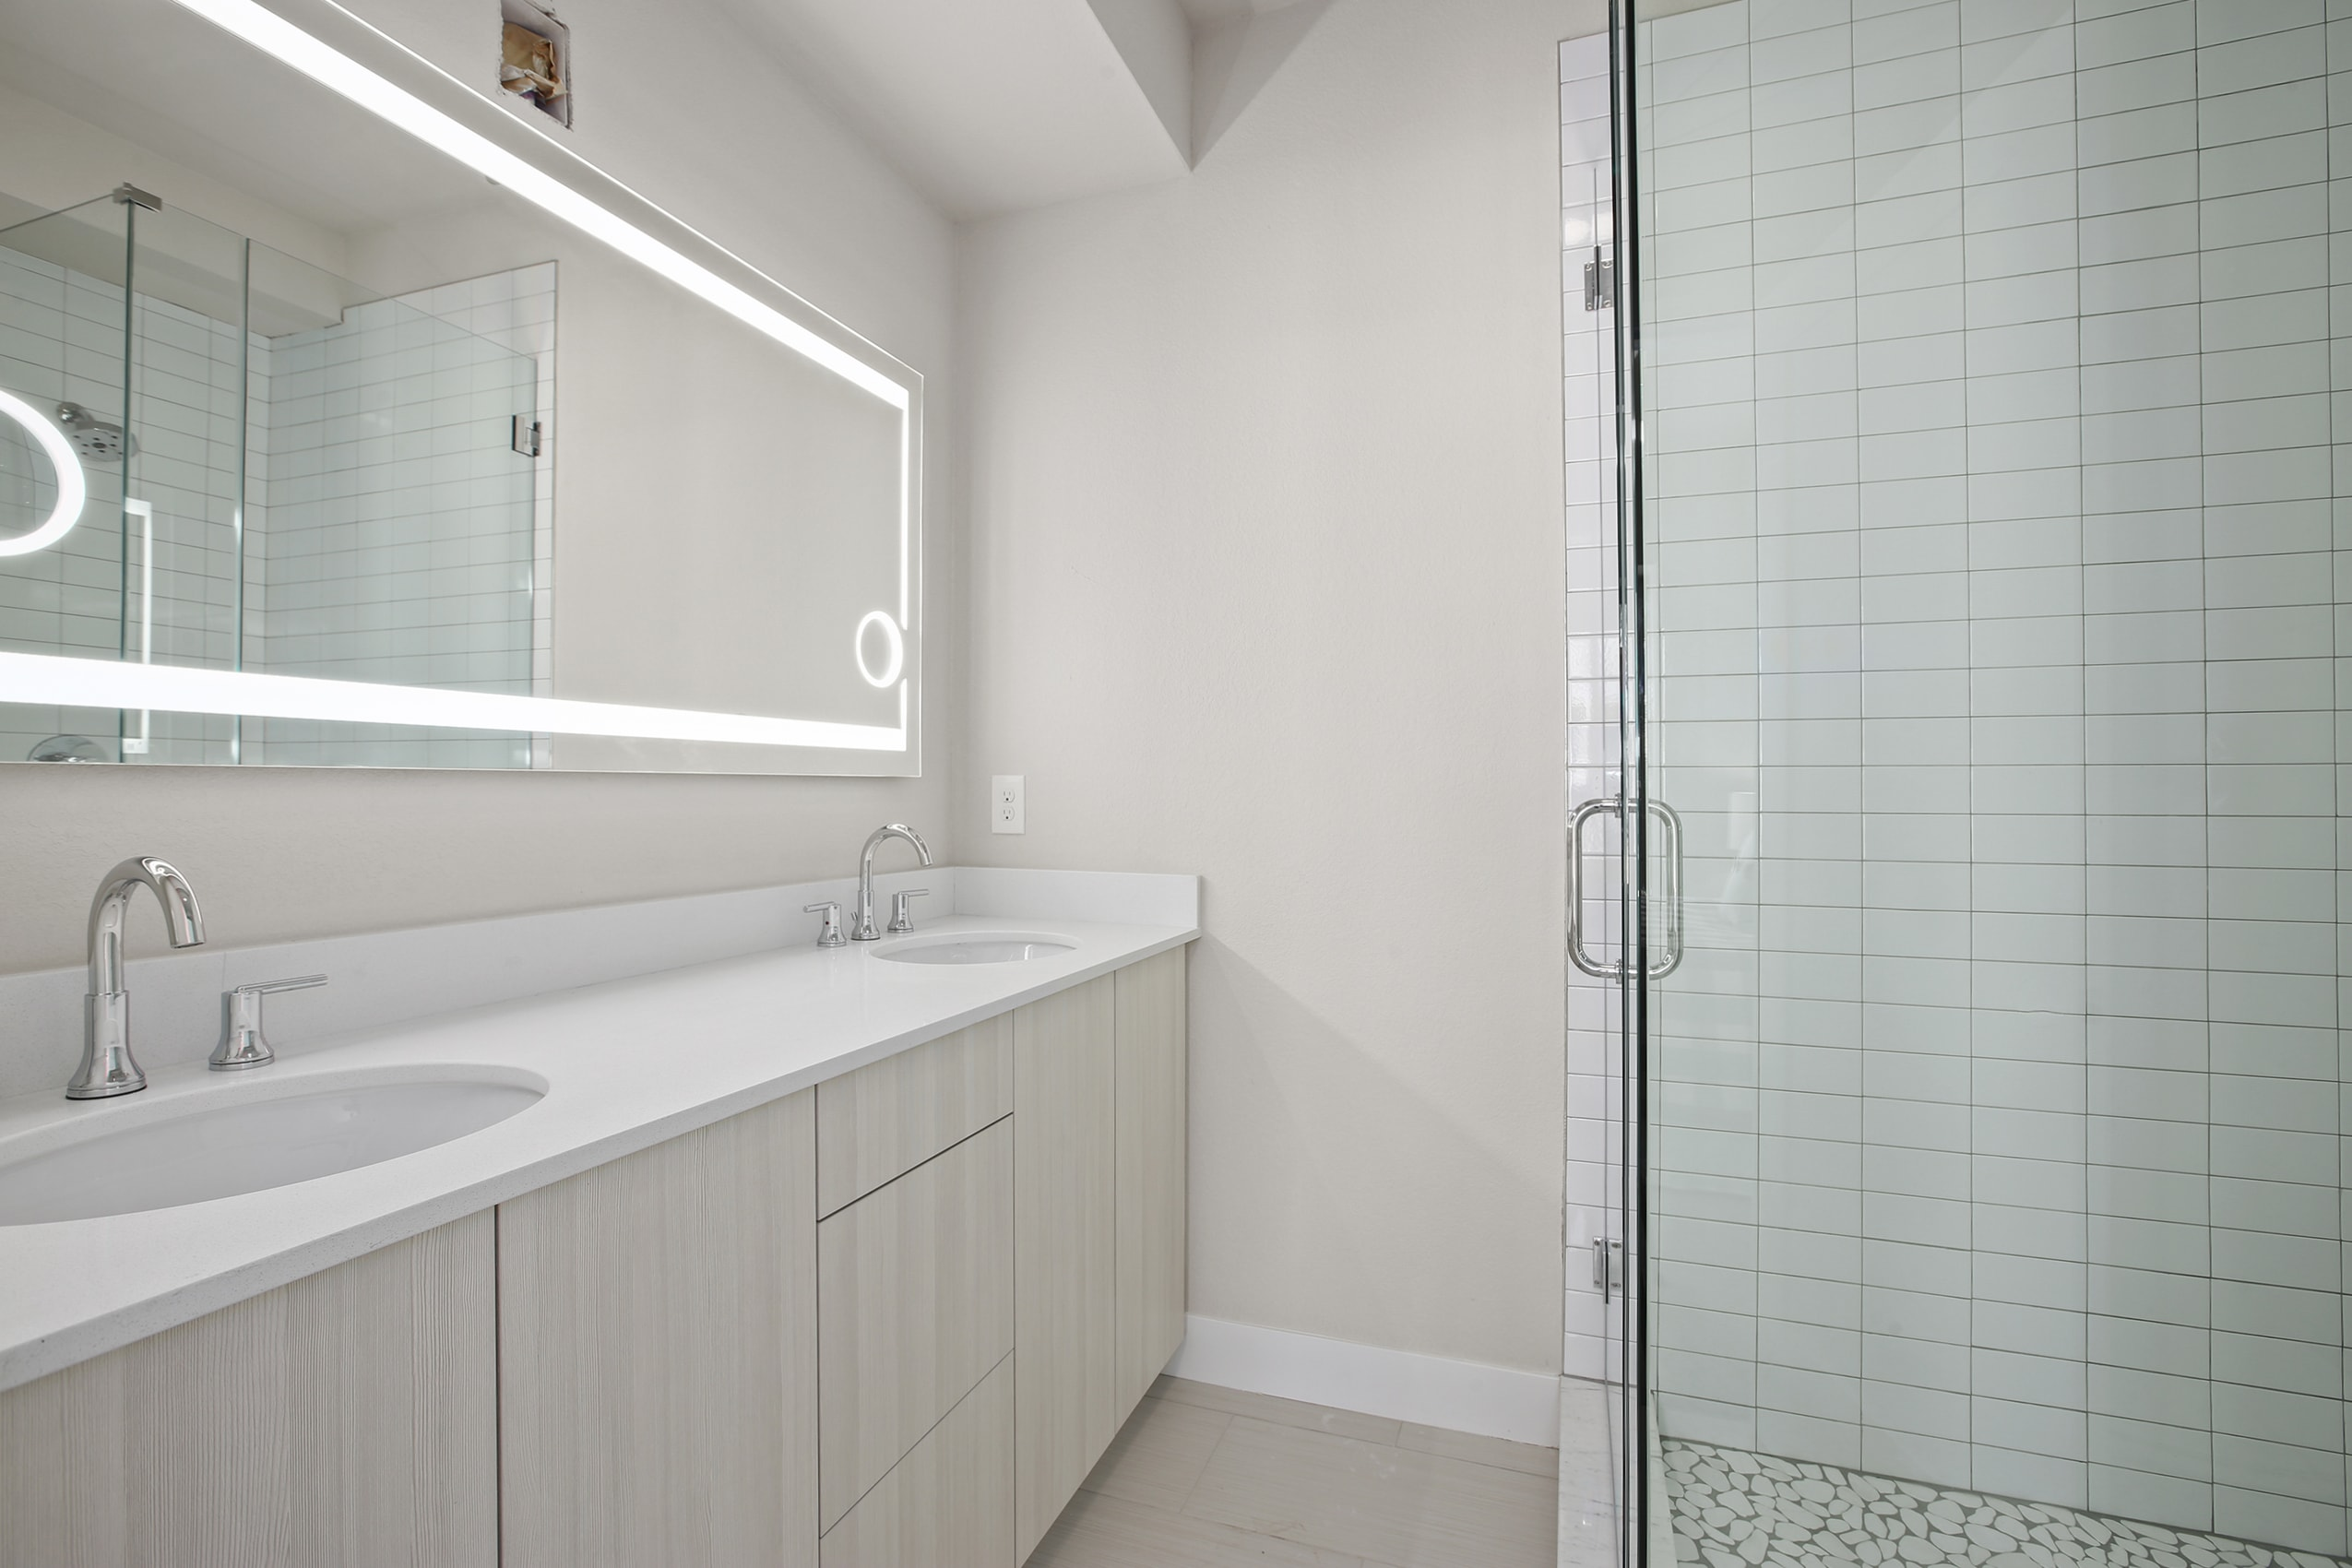 sustainable design build denver colorado west colfax 1265 xavier bathroom dual vanity custom mirror master bathroom